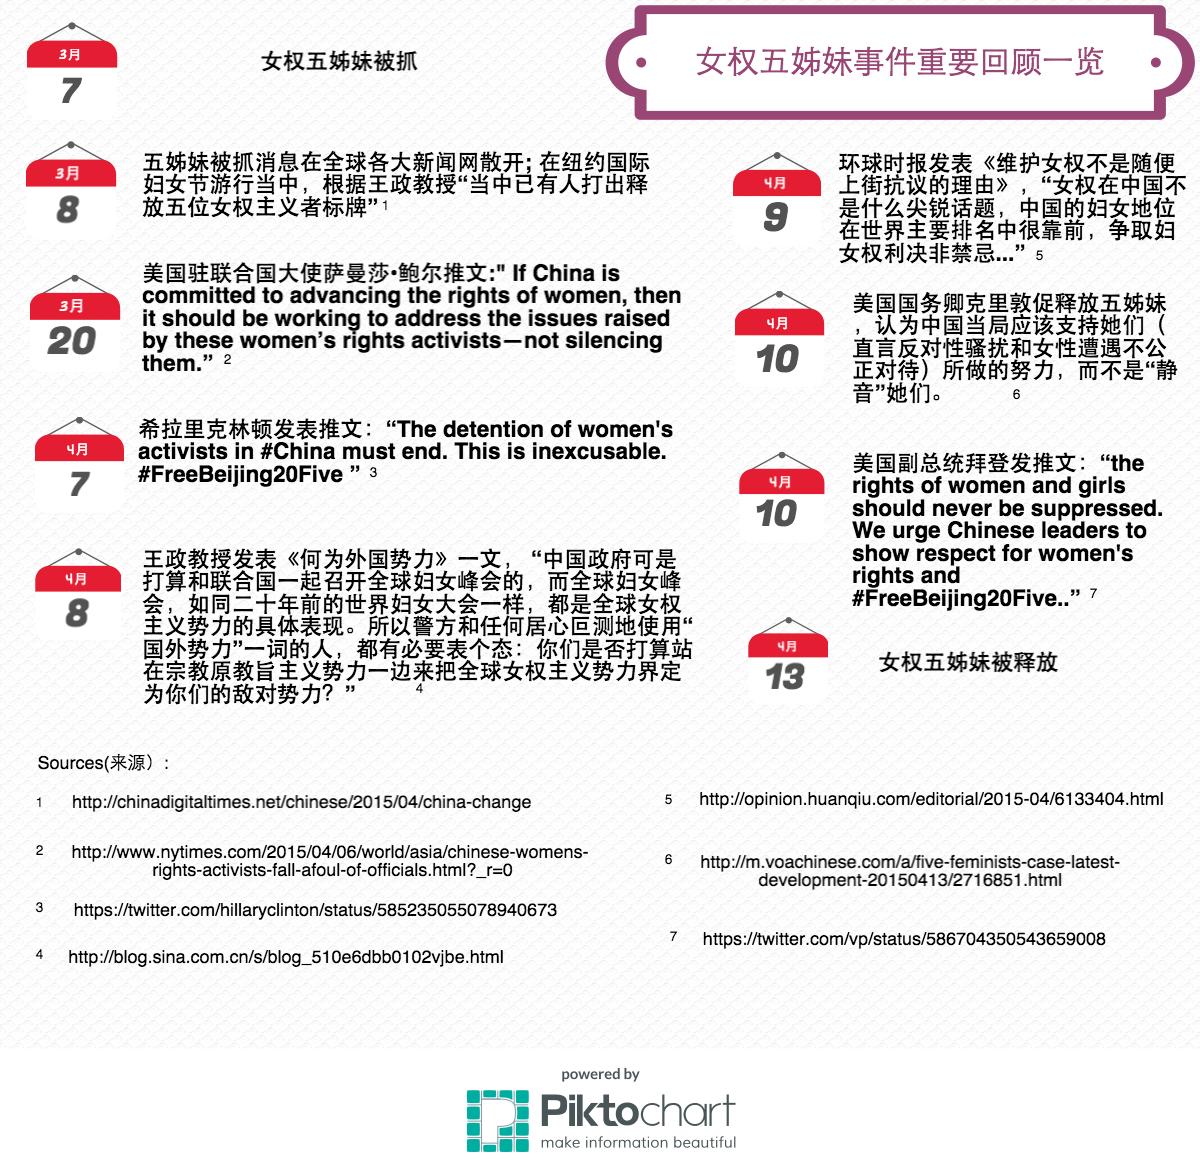 王政访谈:女权五姐妹被捕事件及中国女权运动走向